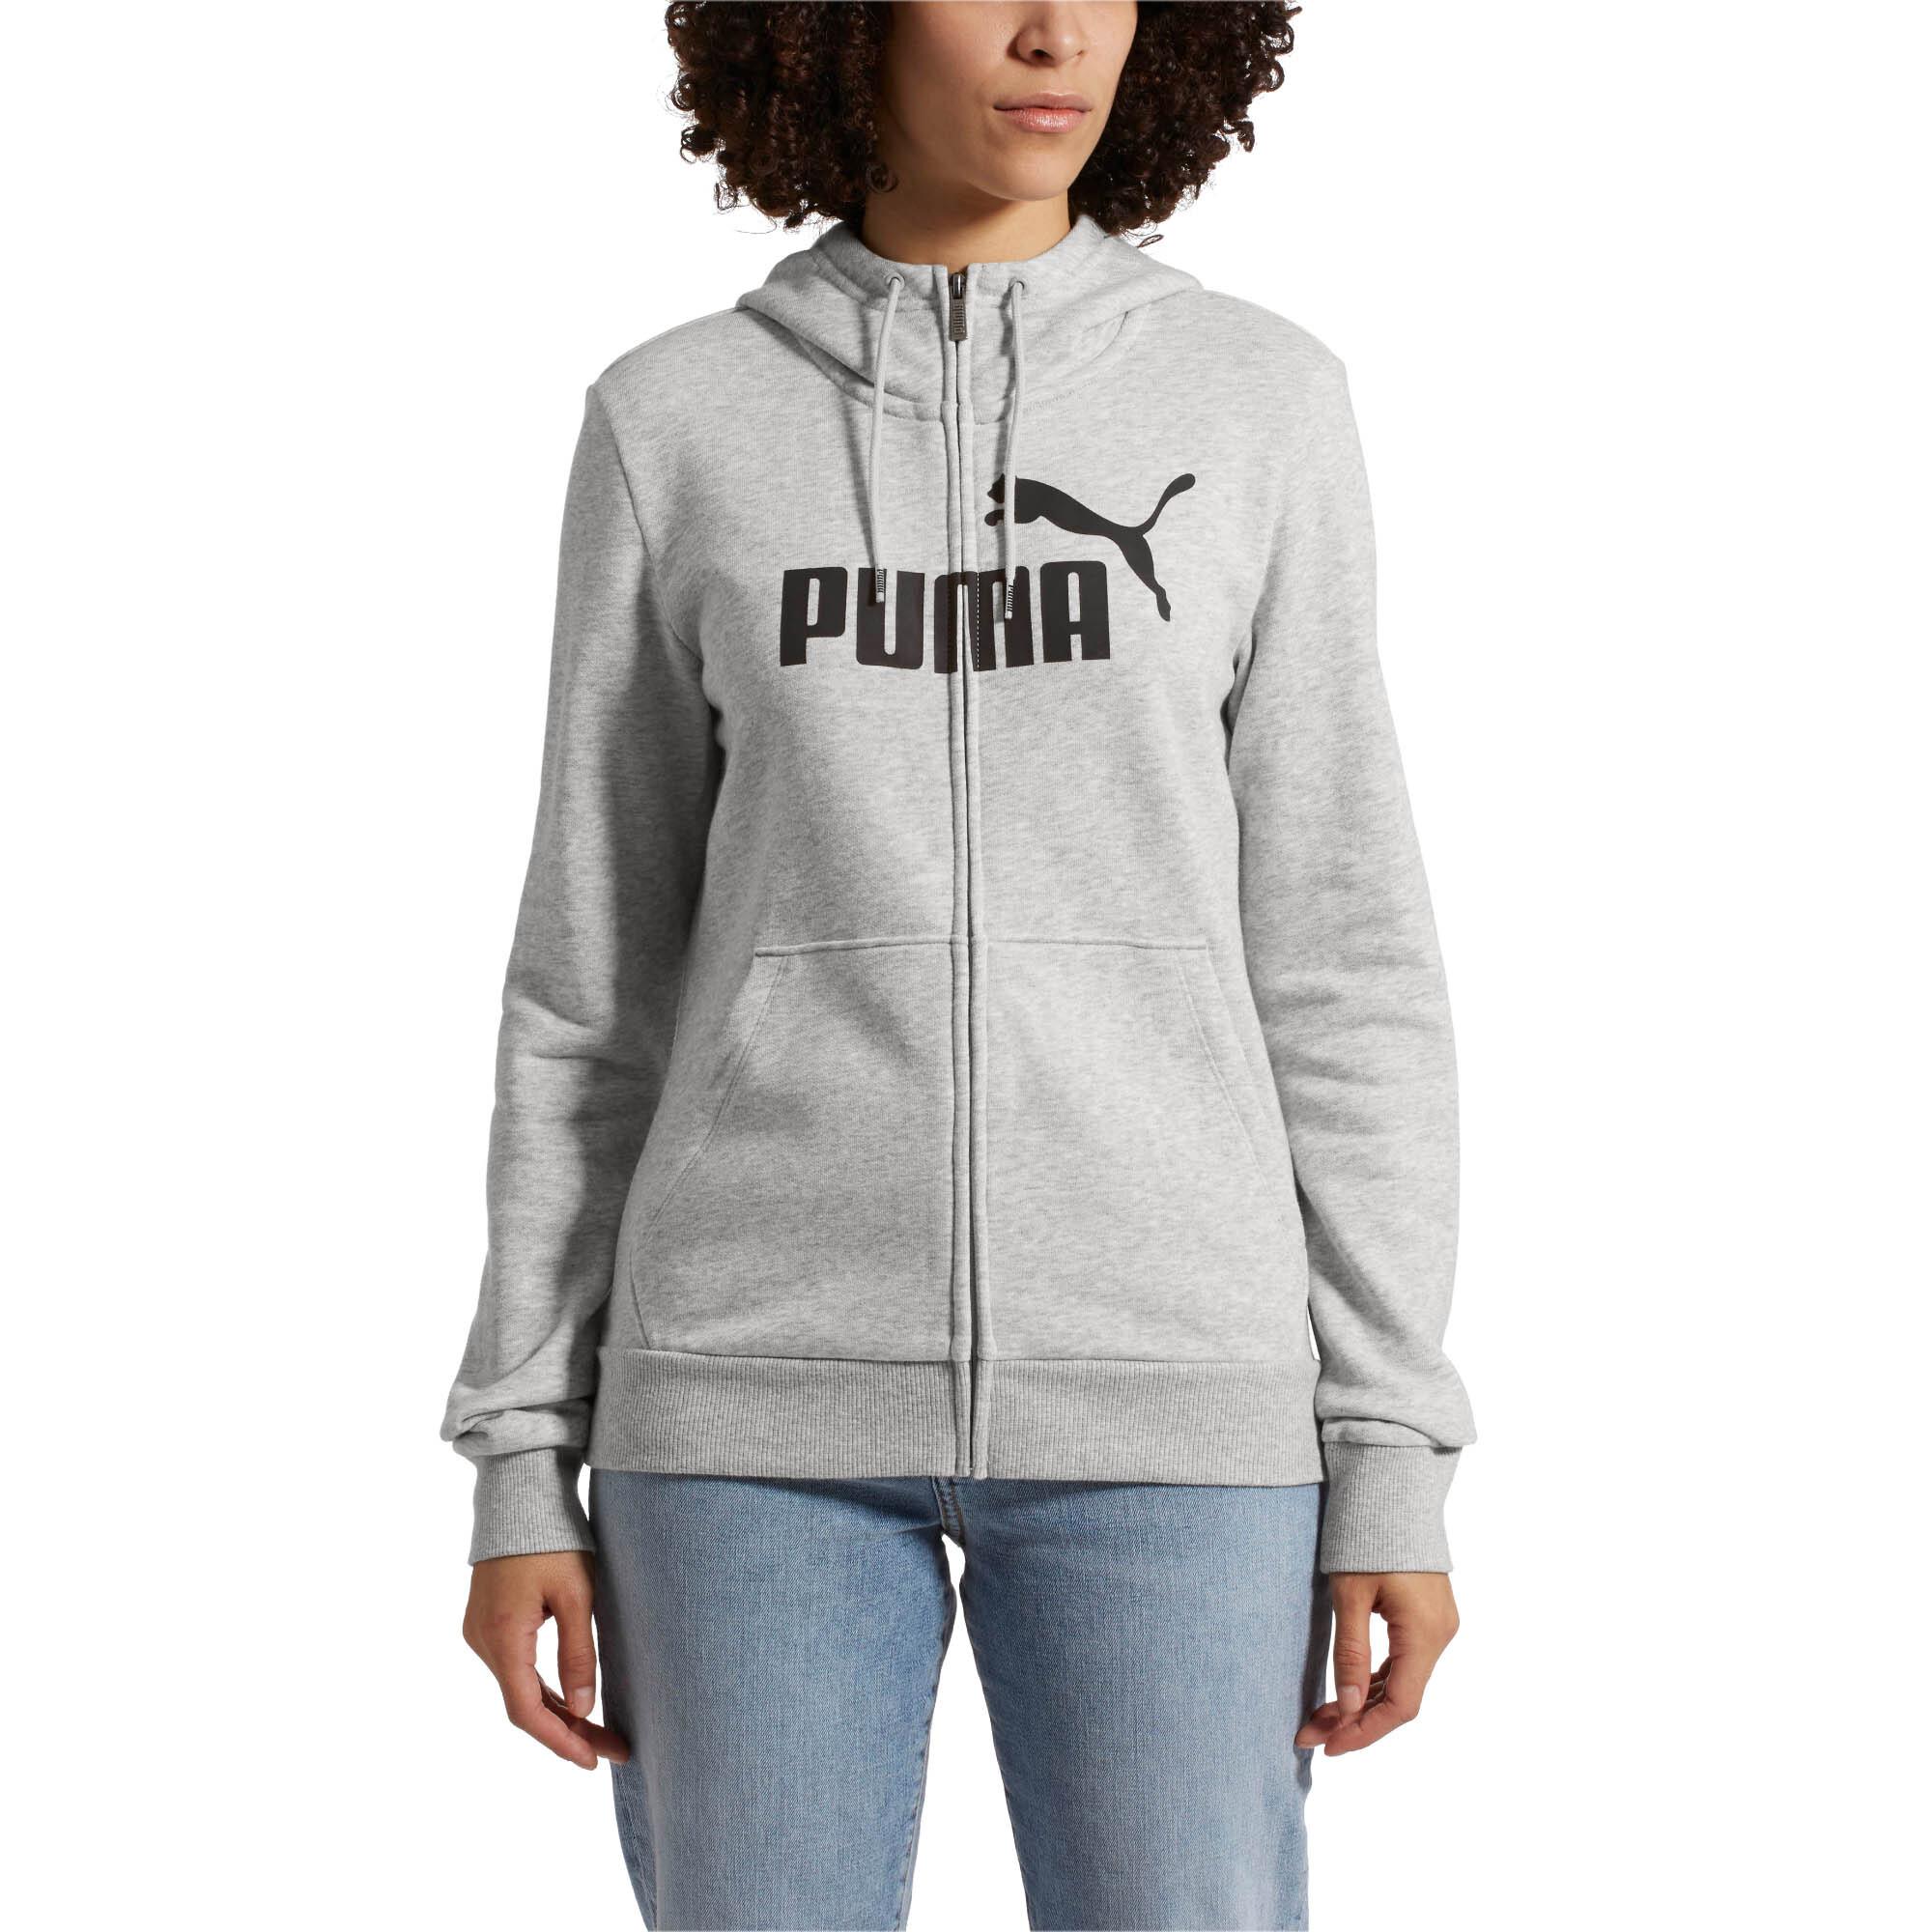 Image Puma Essentials Fleece Hooded Full Zip Women's Sweat Jacket #1